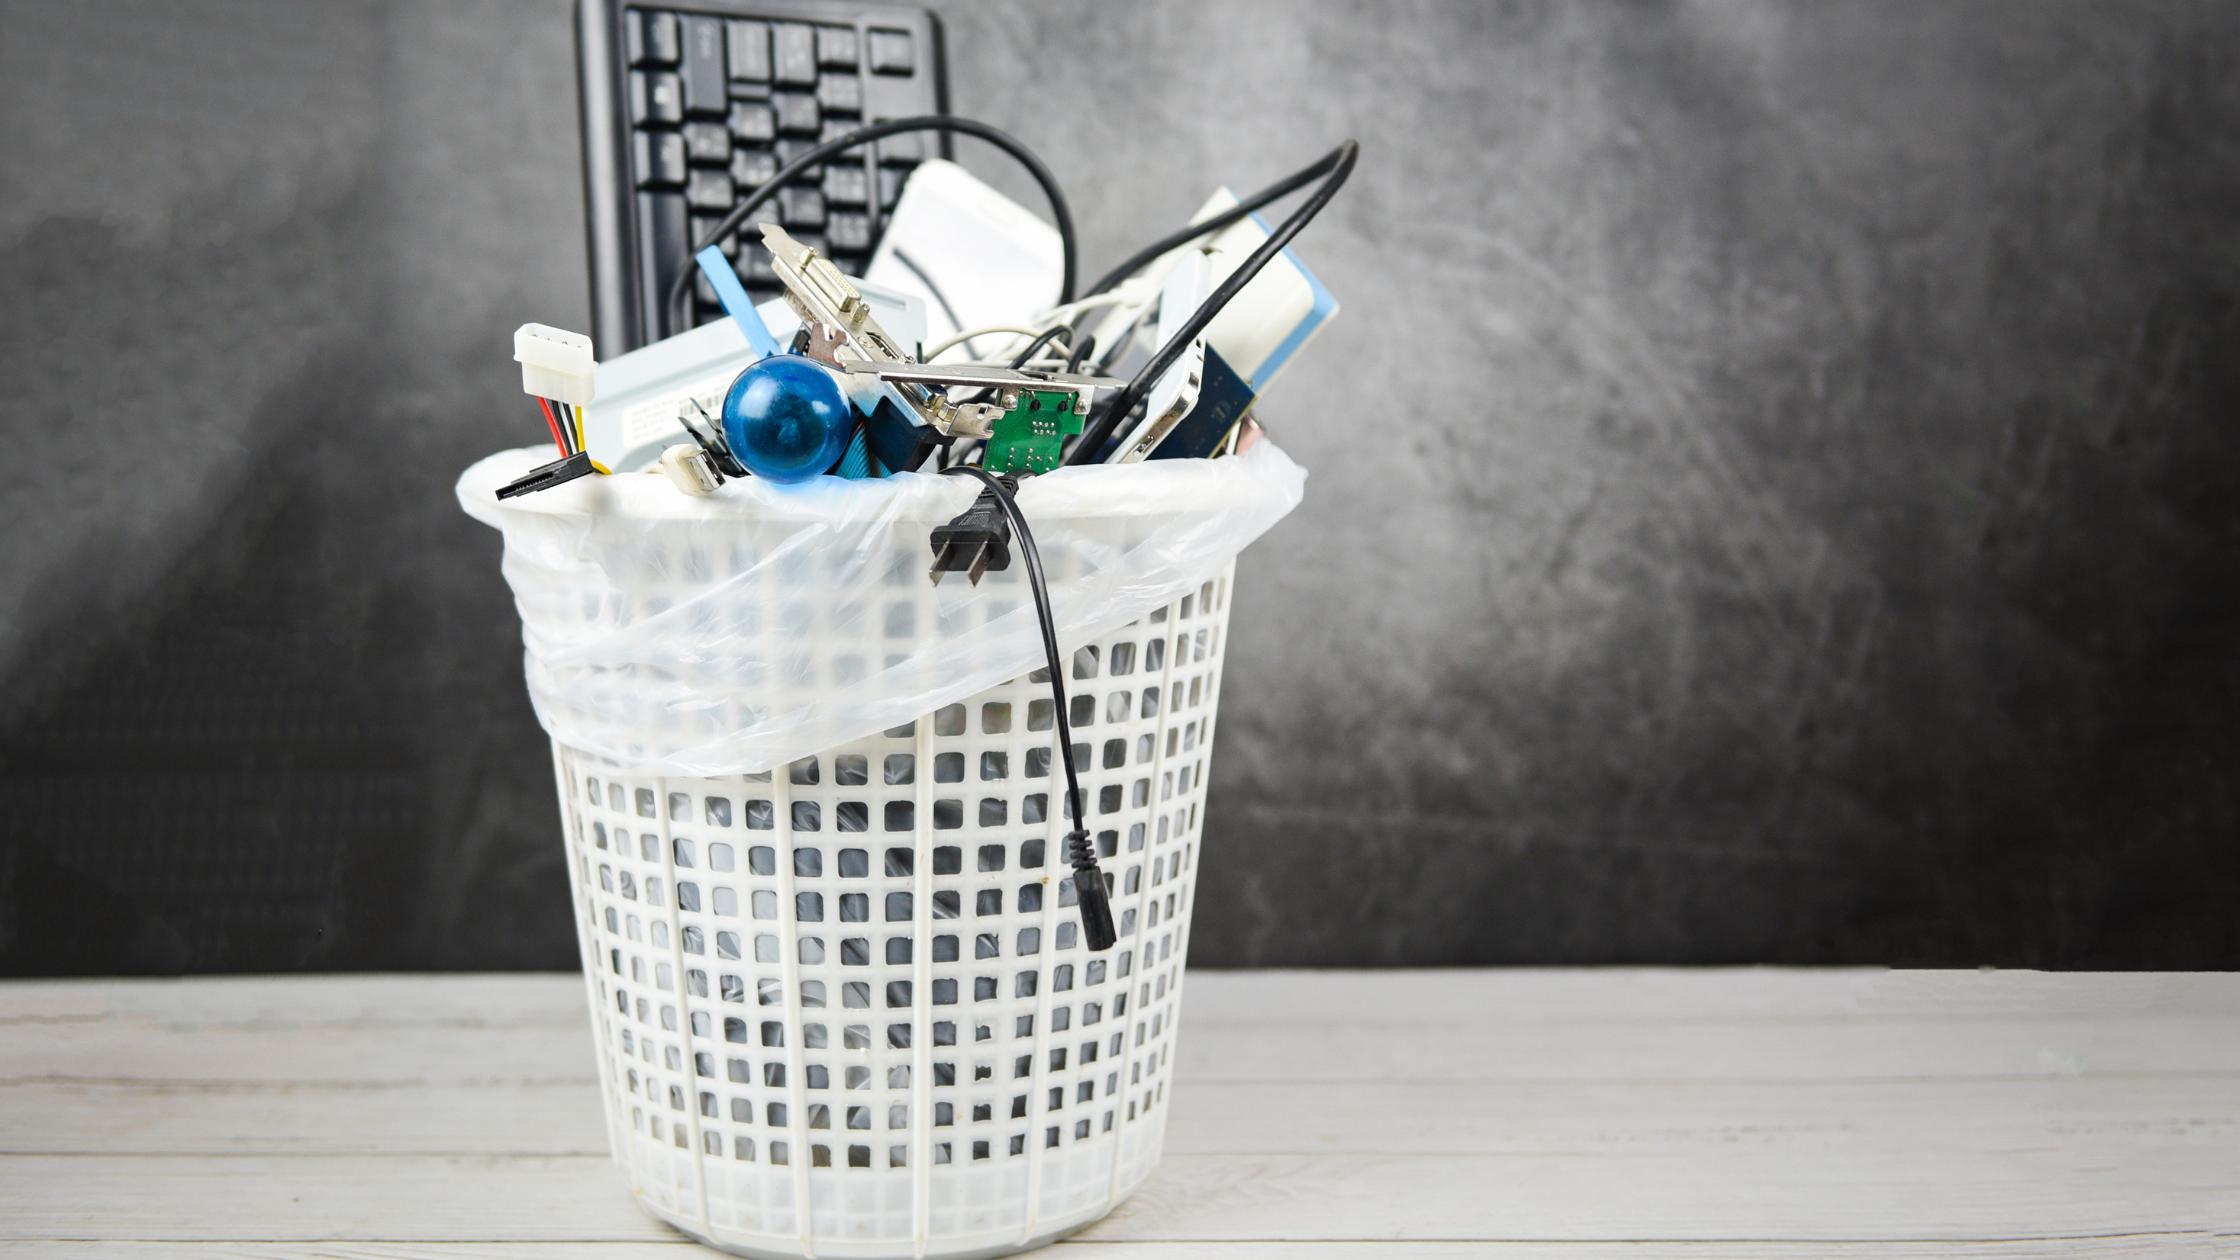 Reducing E-Waste Through the Circular Economy: Refurbish, Repair, Re-Use, Repeat